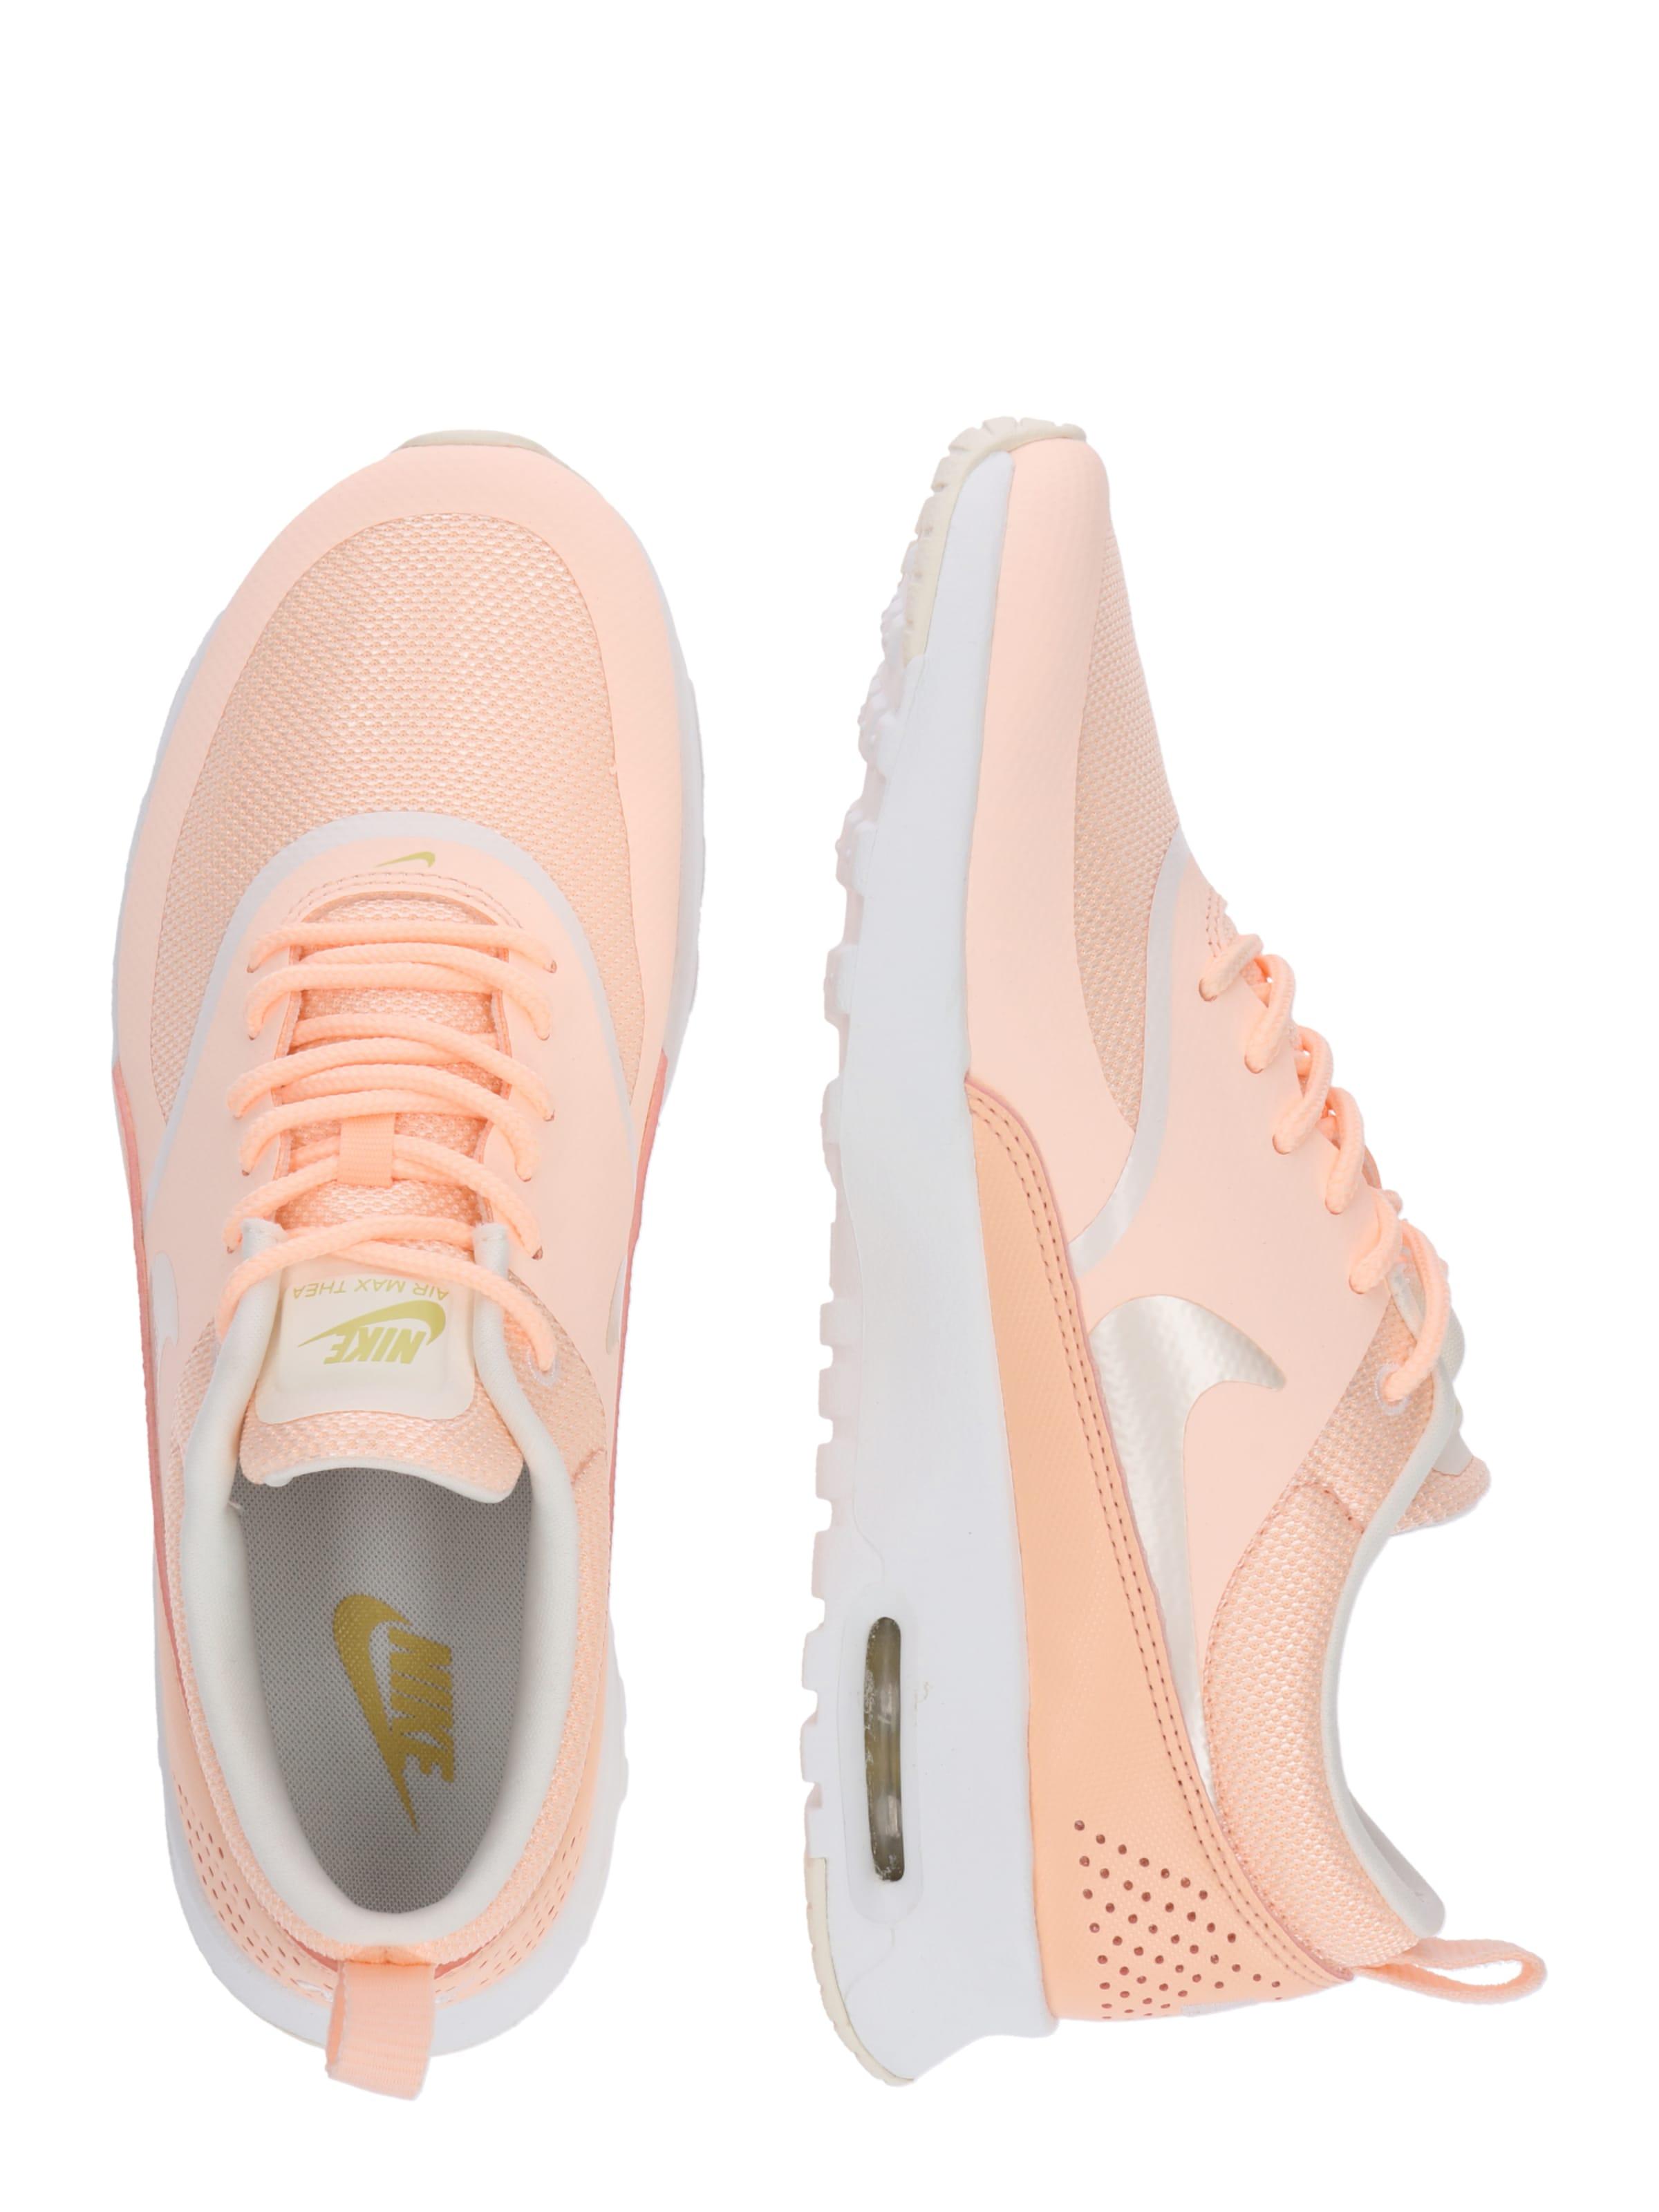 Nike Sportswear Turnschuhe 'Air 'Air 'Air Max Thea Synthetik, Textil Bequem, gut aussehend d3e3c9